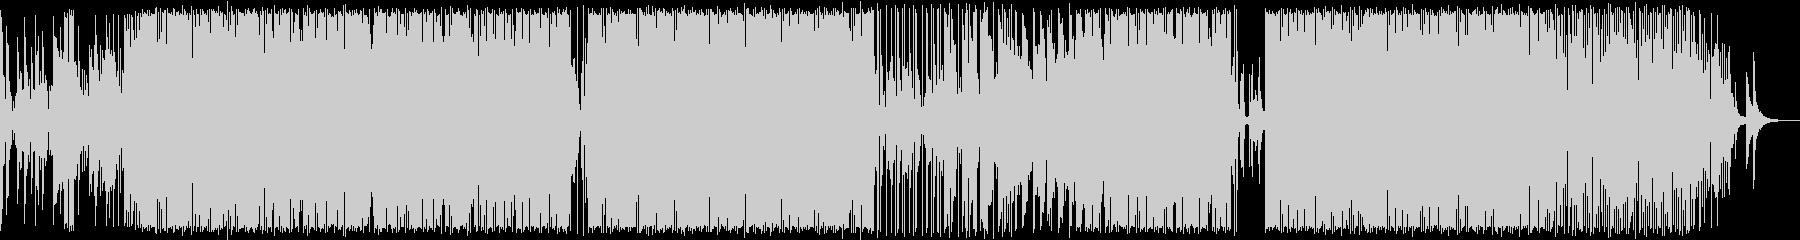 ピアノの旋律にこだわったR&B調BGMの未再生の波形